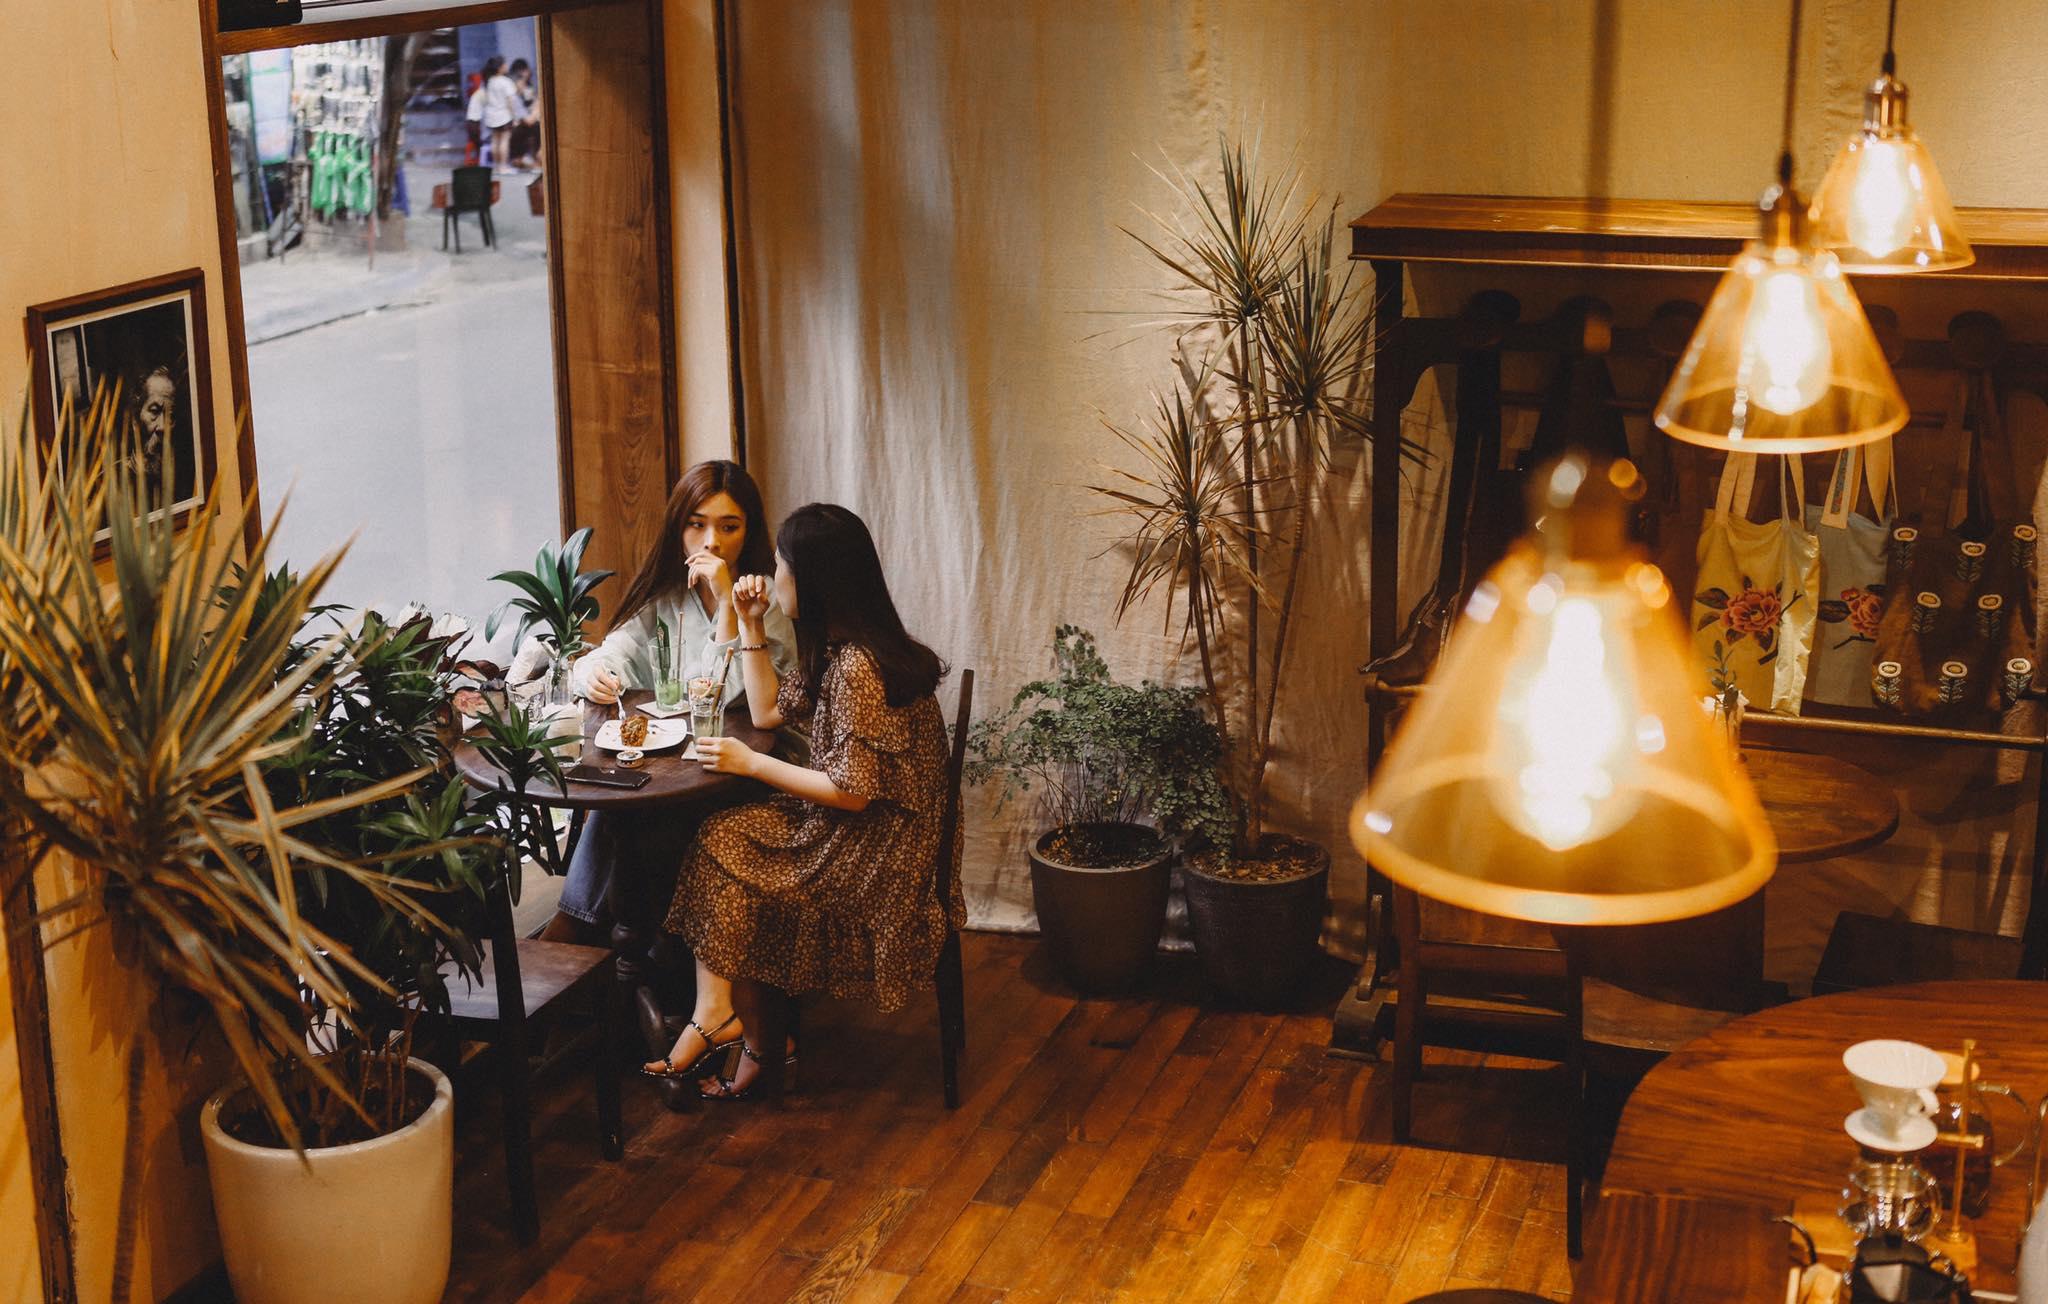 Dịp Tết Dương lịch, ghé thăm những quán cà phê mang phong cách cổ xưa tại Hà Nội  - Ảnh 3.